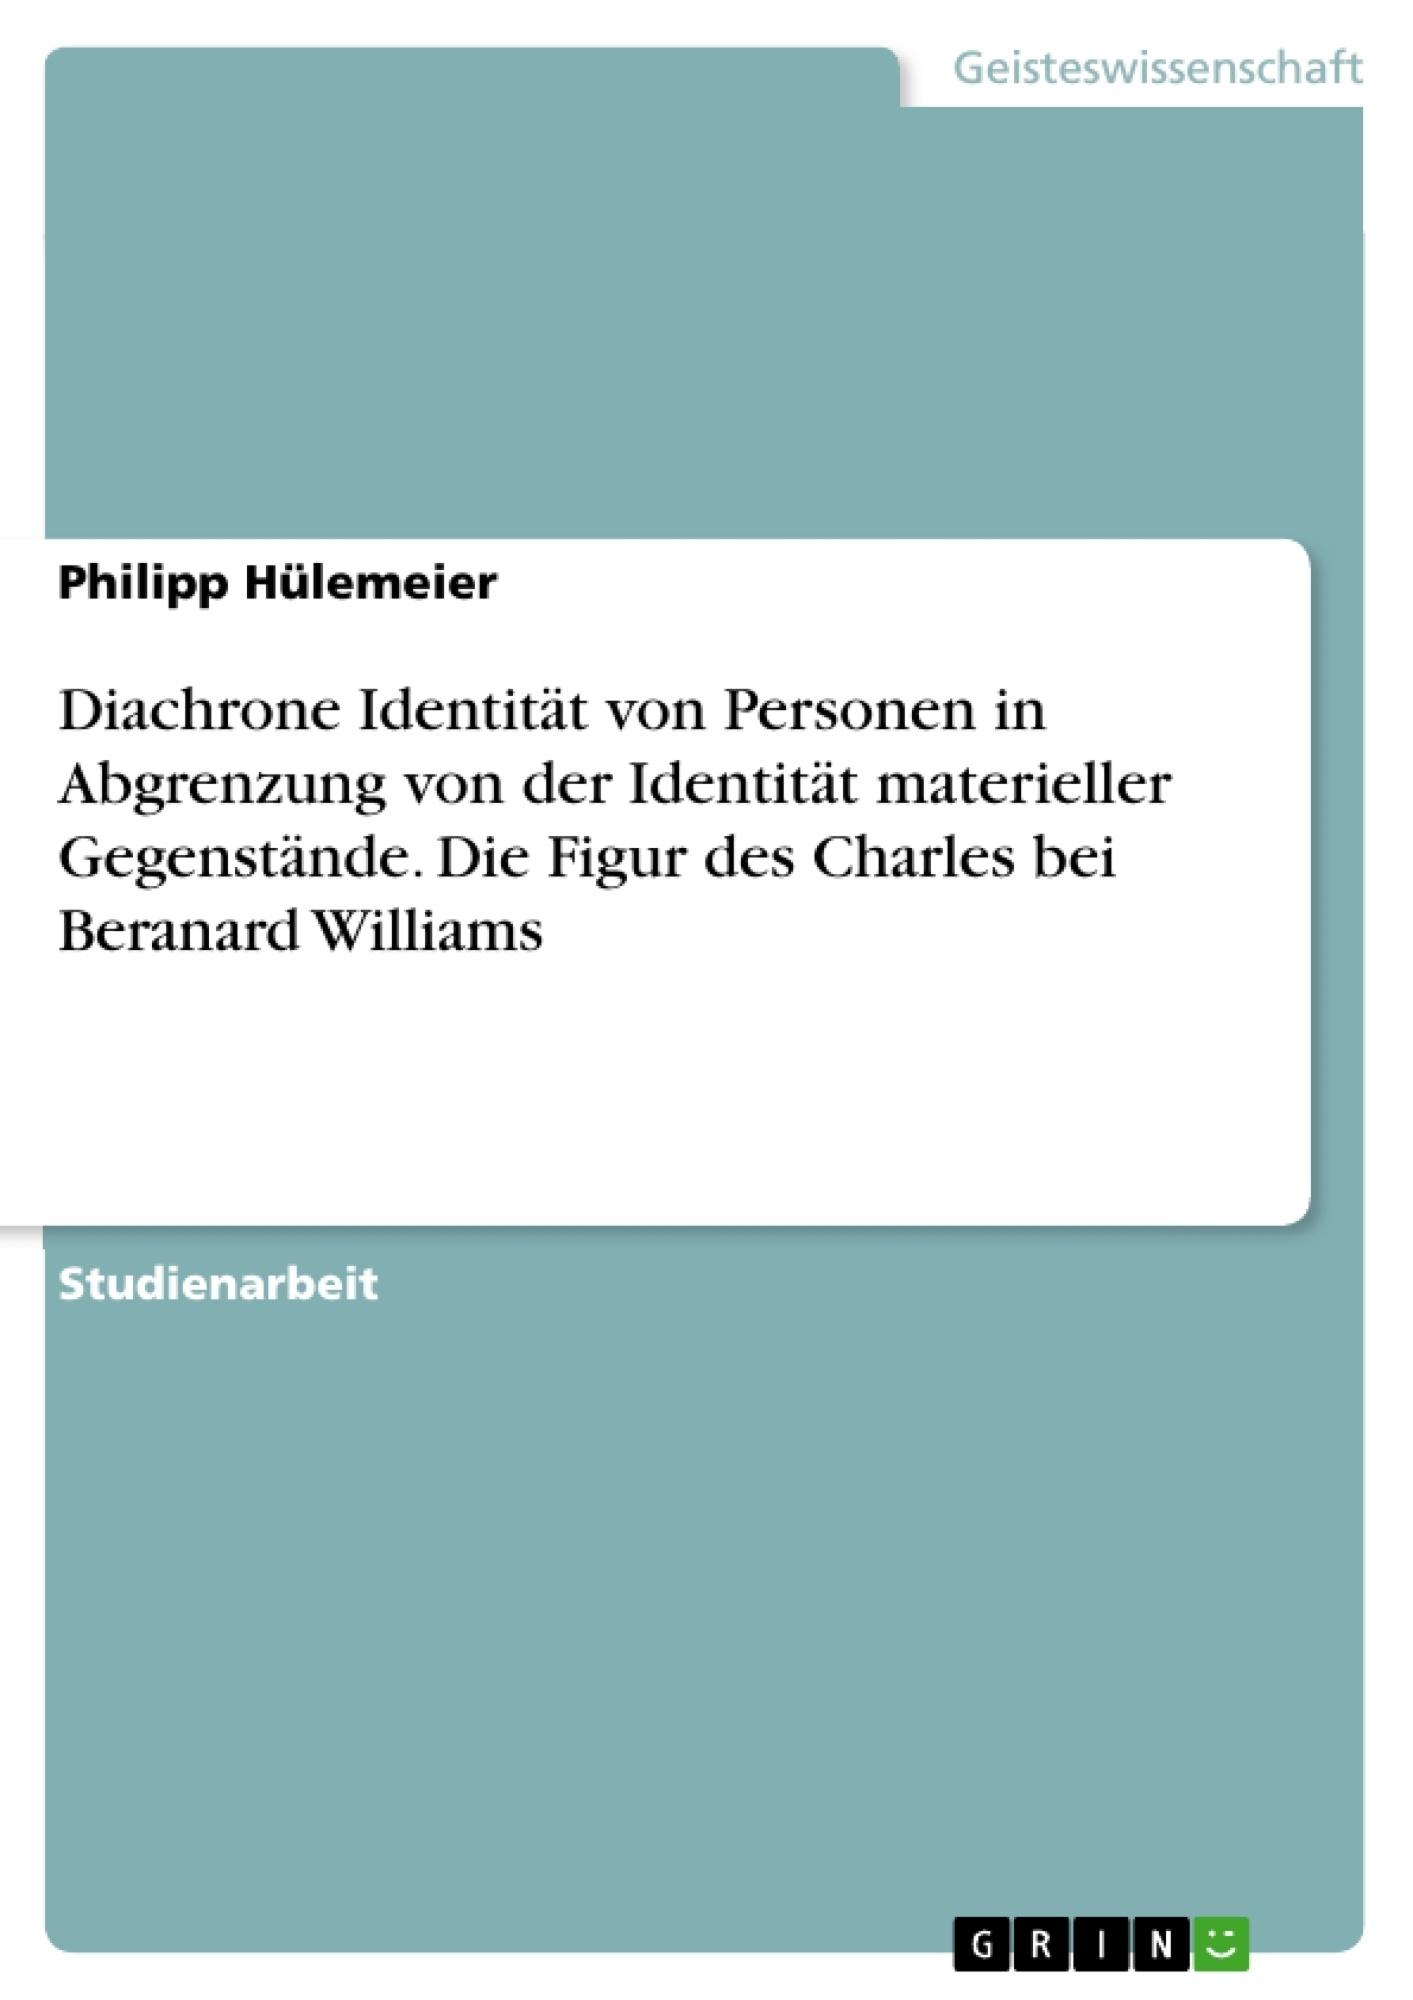 Titel: Diachrone Identität von Personen in Abgrenzung von der Identität materieller Gegenstände. Die Figur des Charles bei Beranard Williams